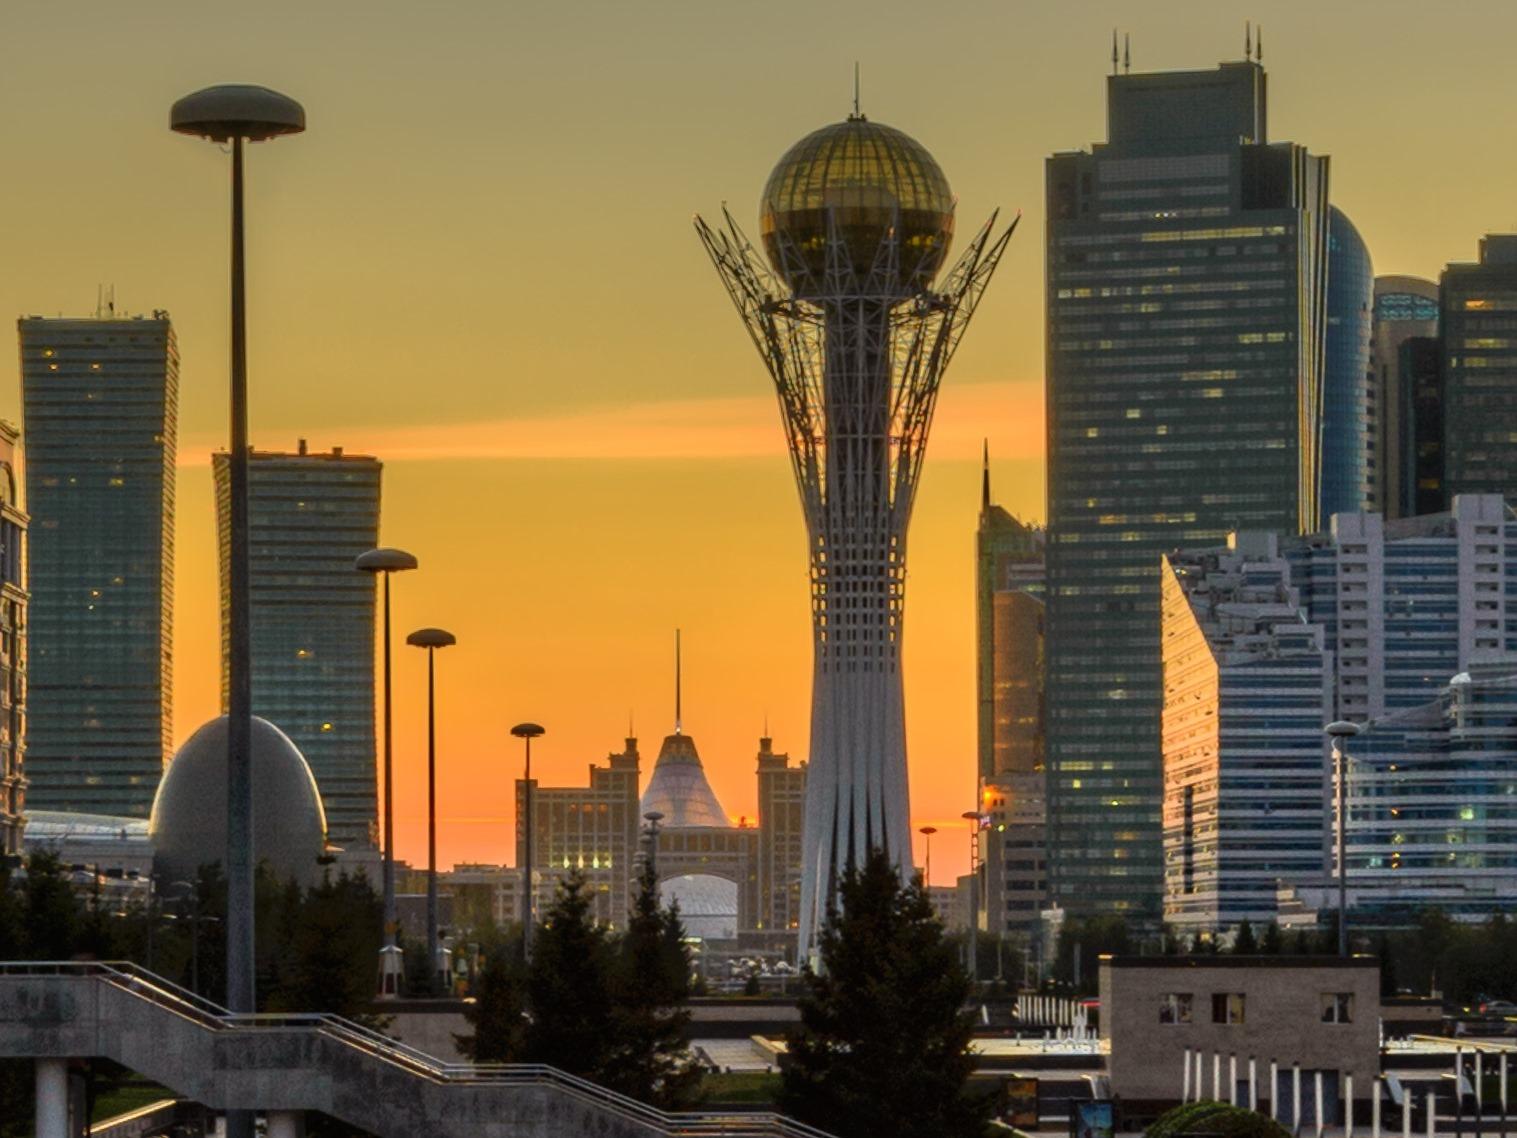 этот будущий казахстан в картинках знаю, начнется